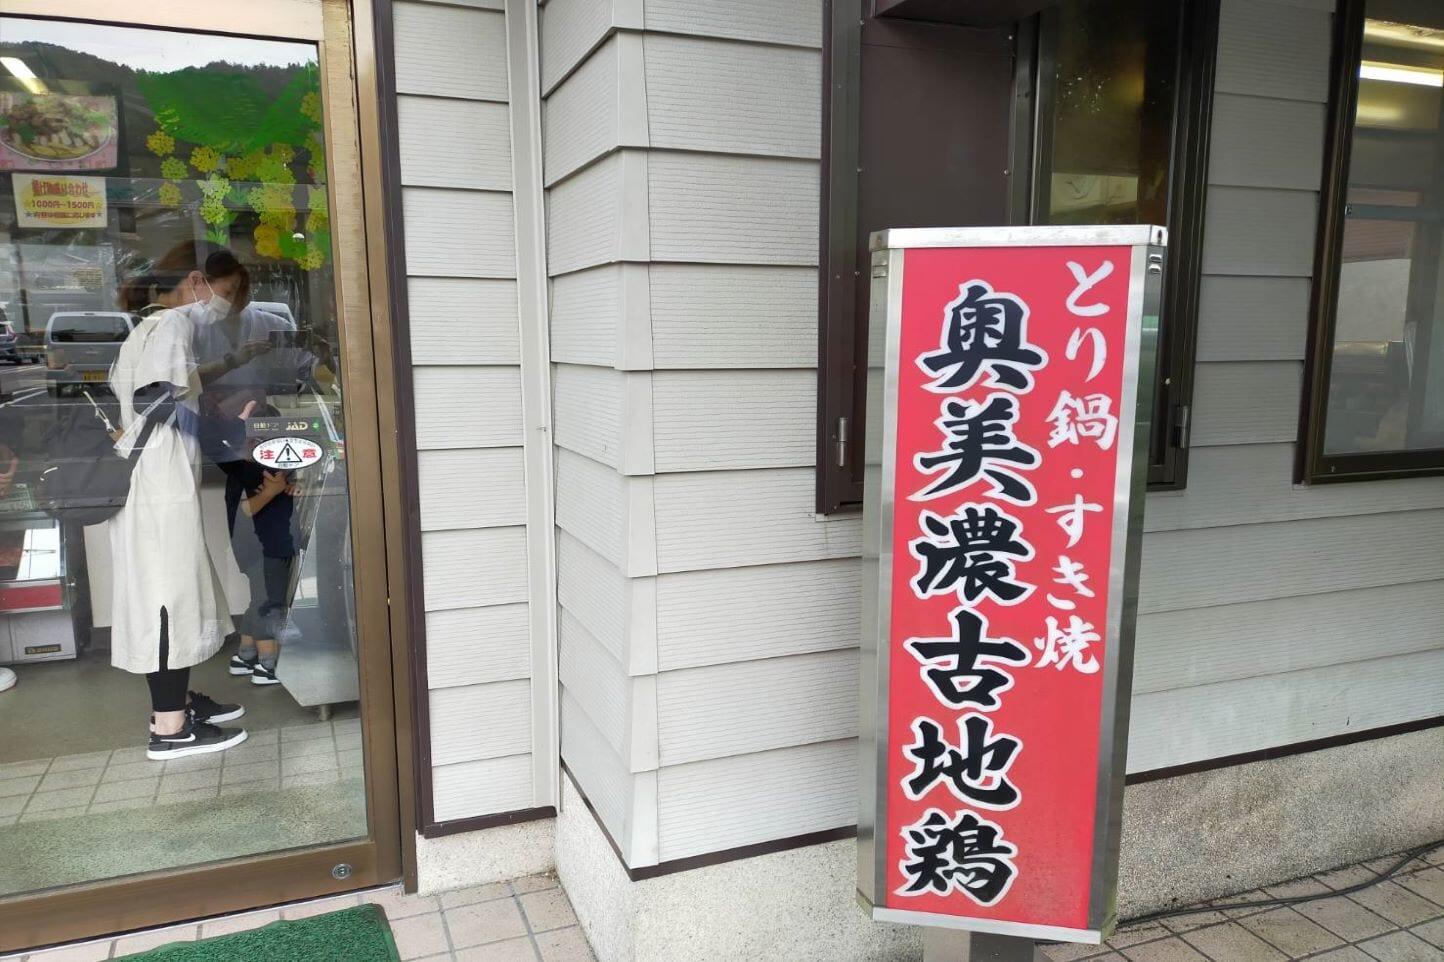 鳥信商店 小野支店 スライダー画像2